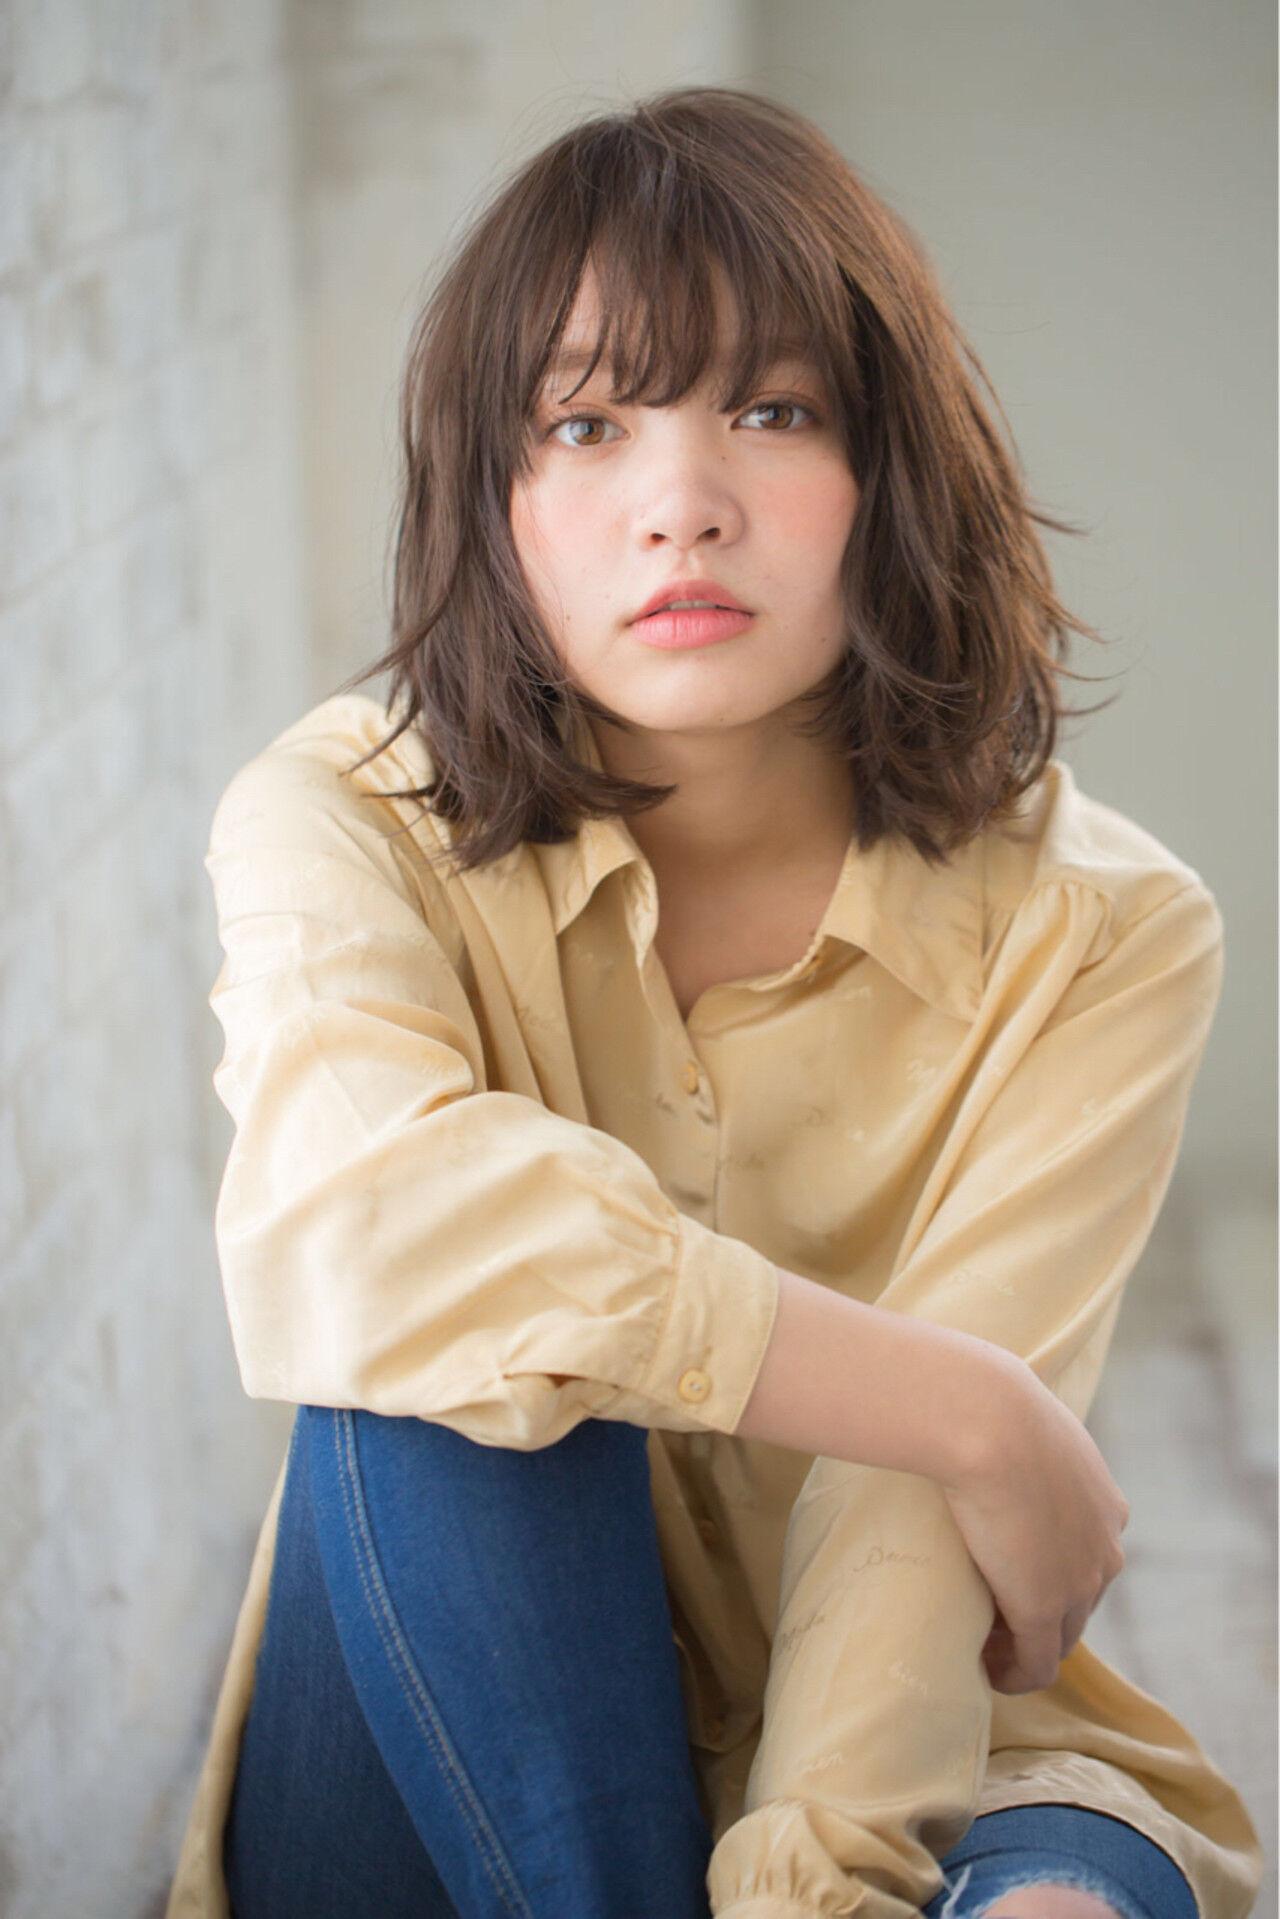 ミディアム デジタルパーマ 黒髪 パーマヘアスタイルや髪型の写真・画像